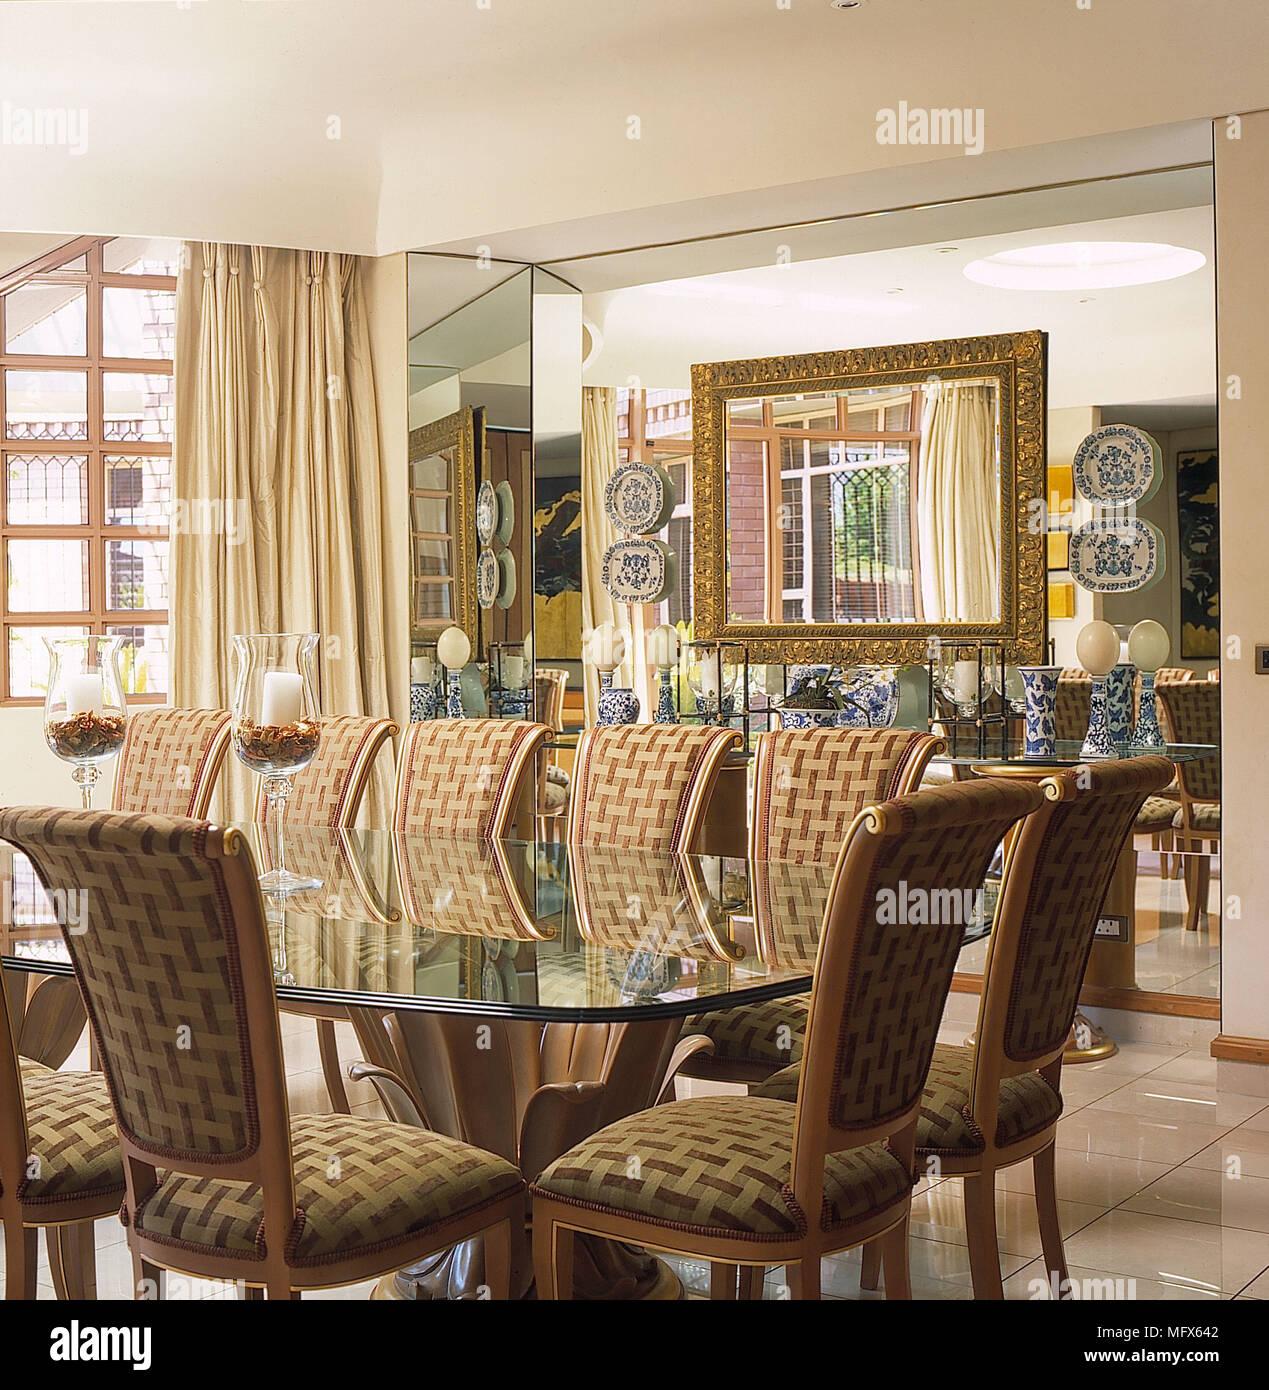 Comedor paredes blancas baldosas de piedra piso espejo de pared mesa ...